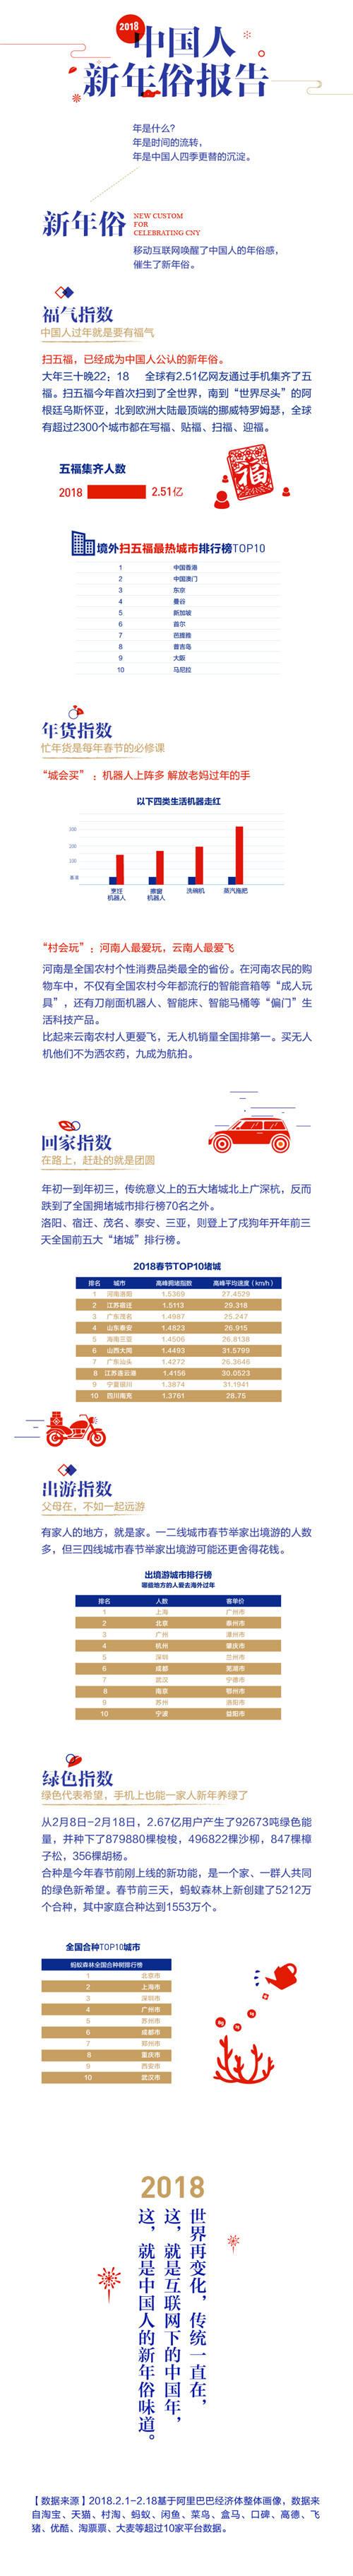 【长图文2】2018中国人新年俗报告之新年俗